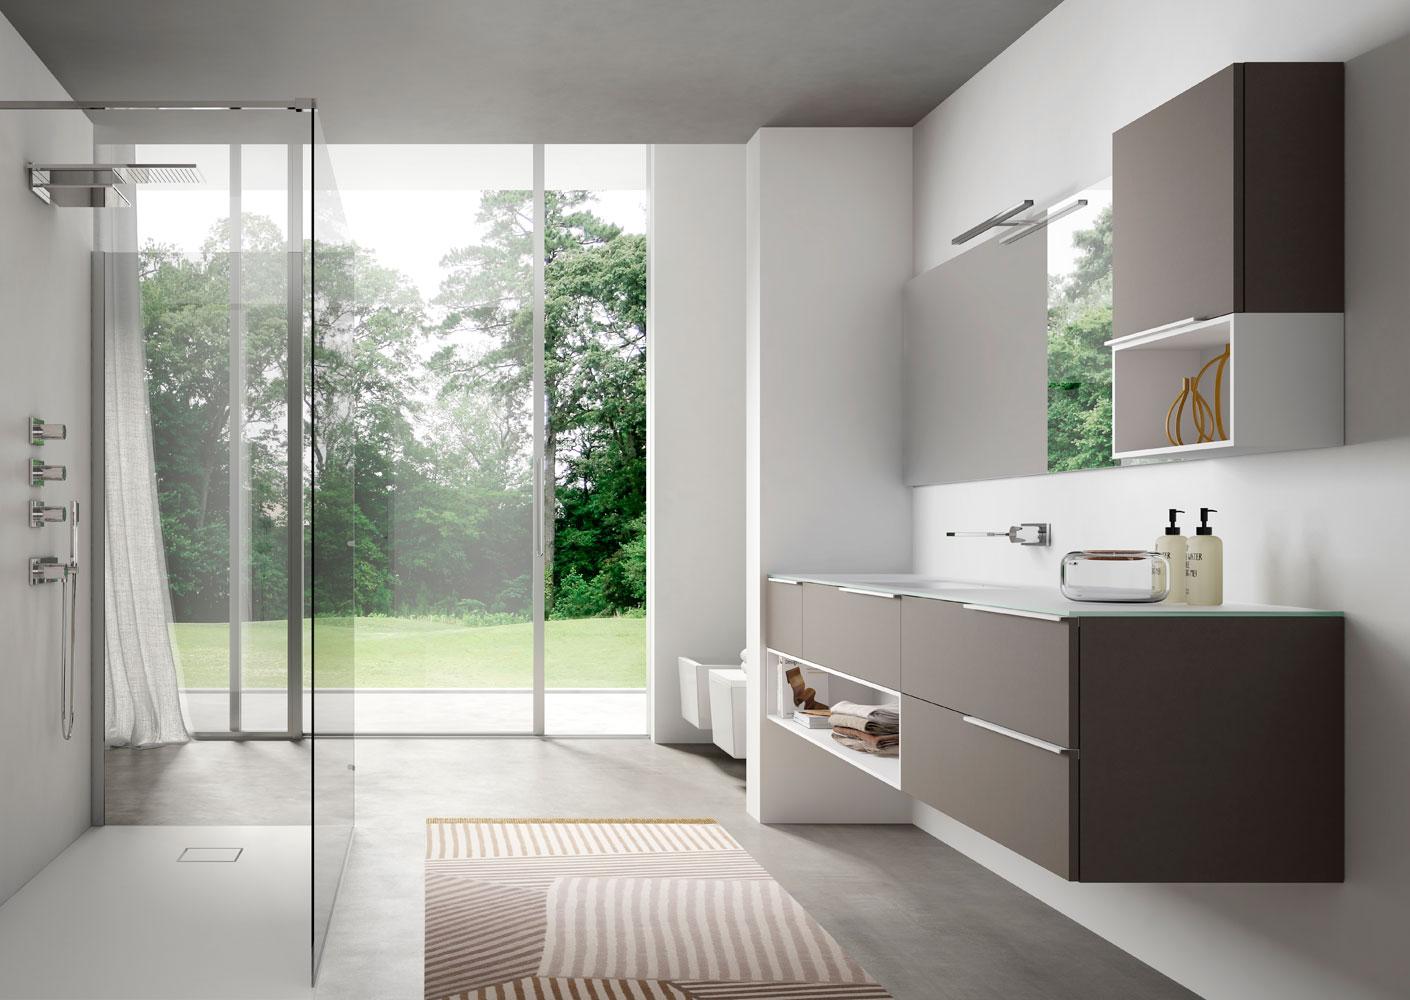 Bagni Moderni Verde Acqua : Mobile bagno verde acqua 23 idee per arredare un bagno lungo e stretto